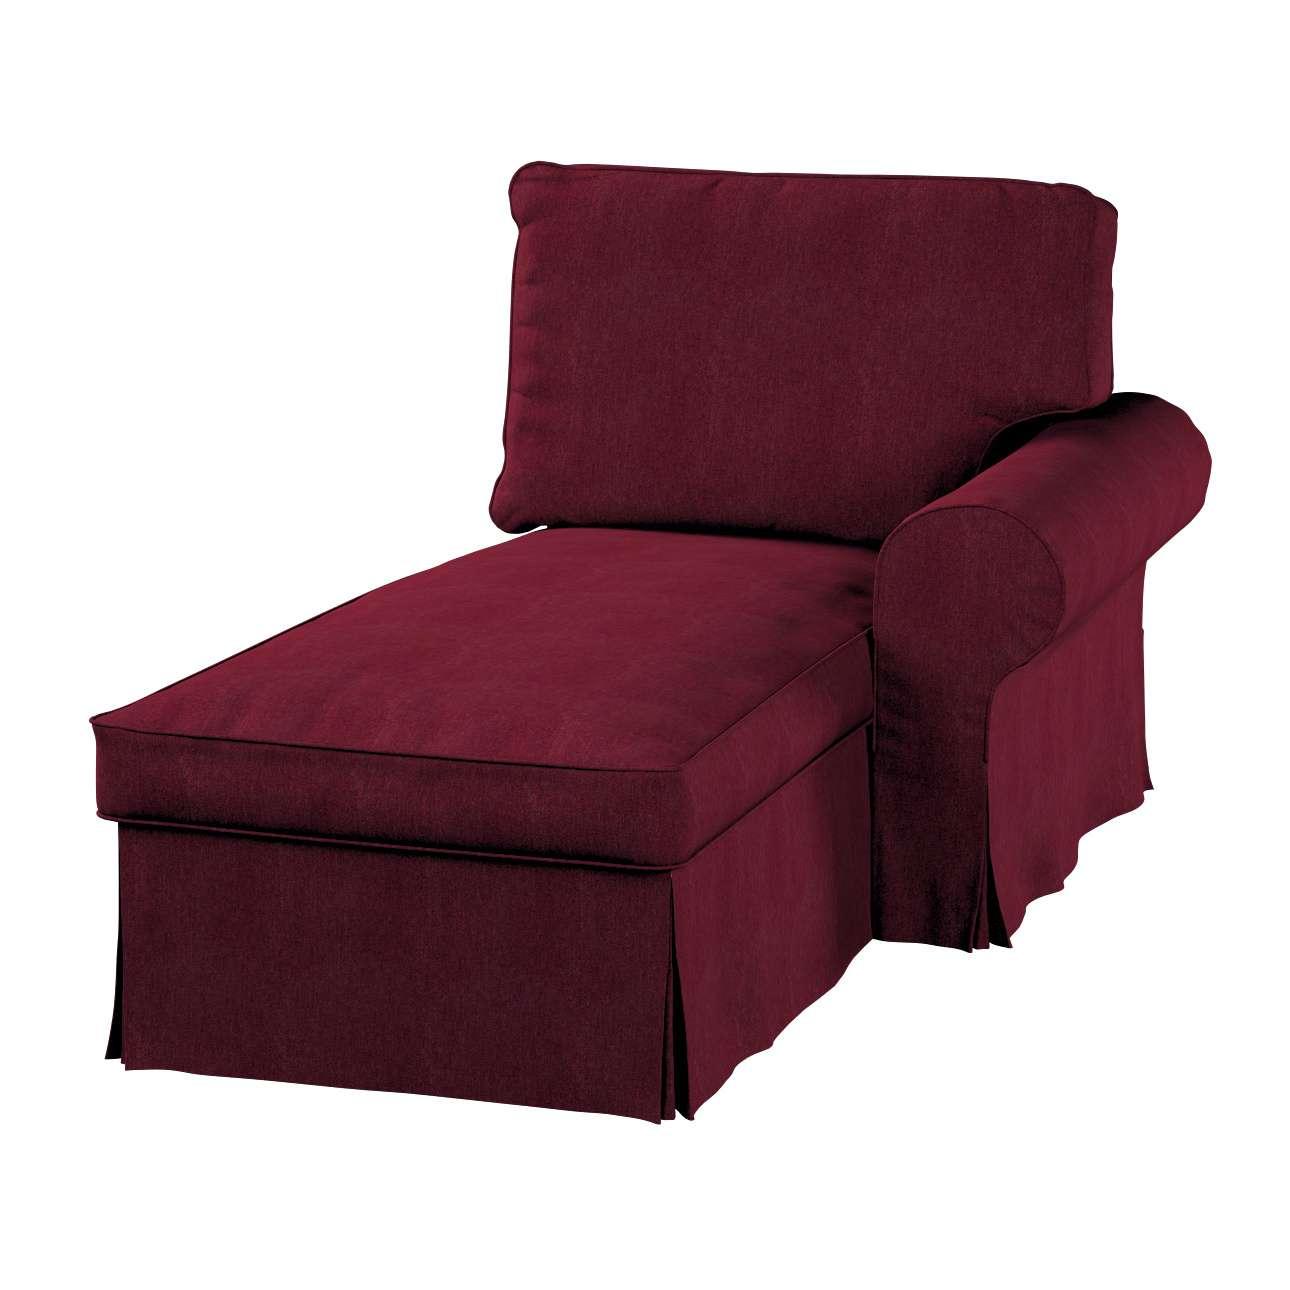 Ektorp gulimajo krėslo užvalkalas  (su porankiu, dešiniojo) Ektorp gulimojo krėslo užvalkalas su porankiu (dešiniojo) kolekcijoje Chenille, audinys: 702-19